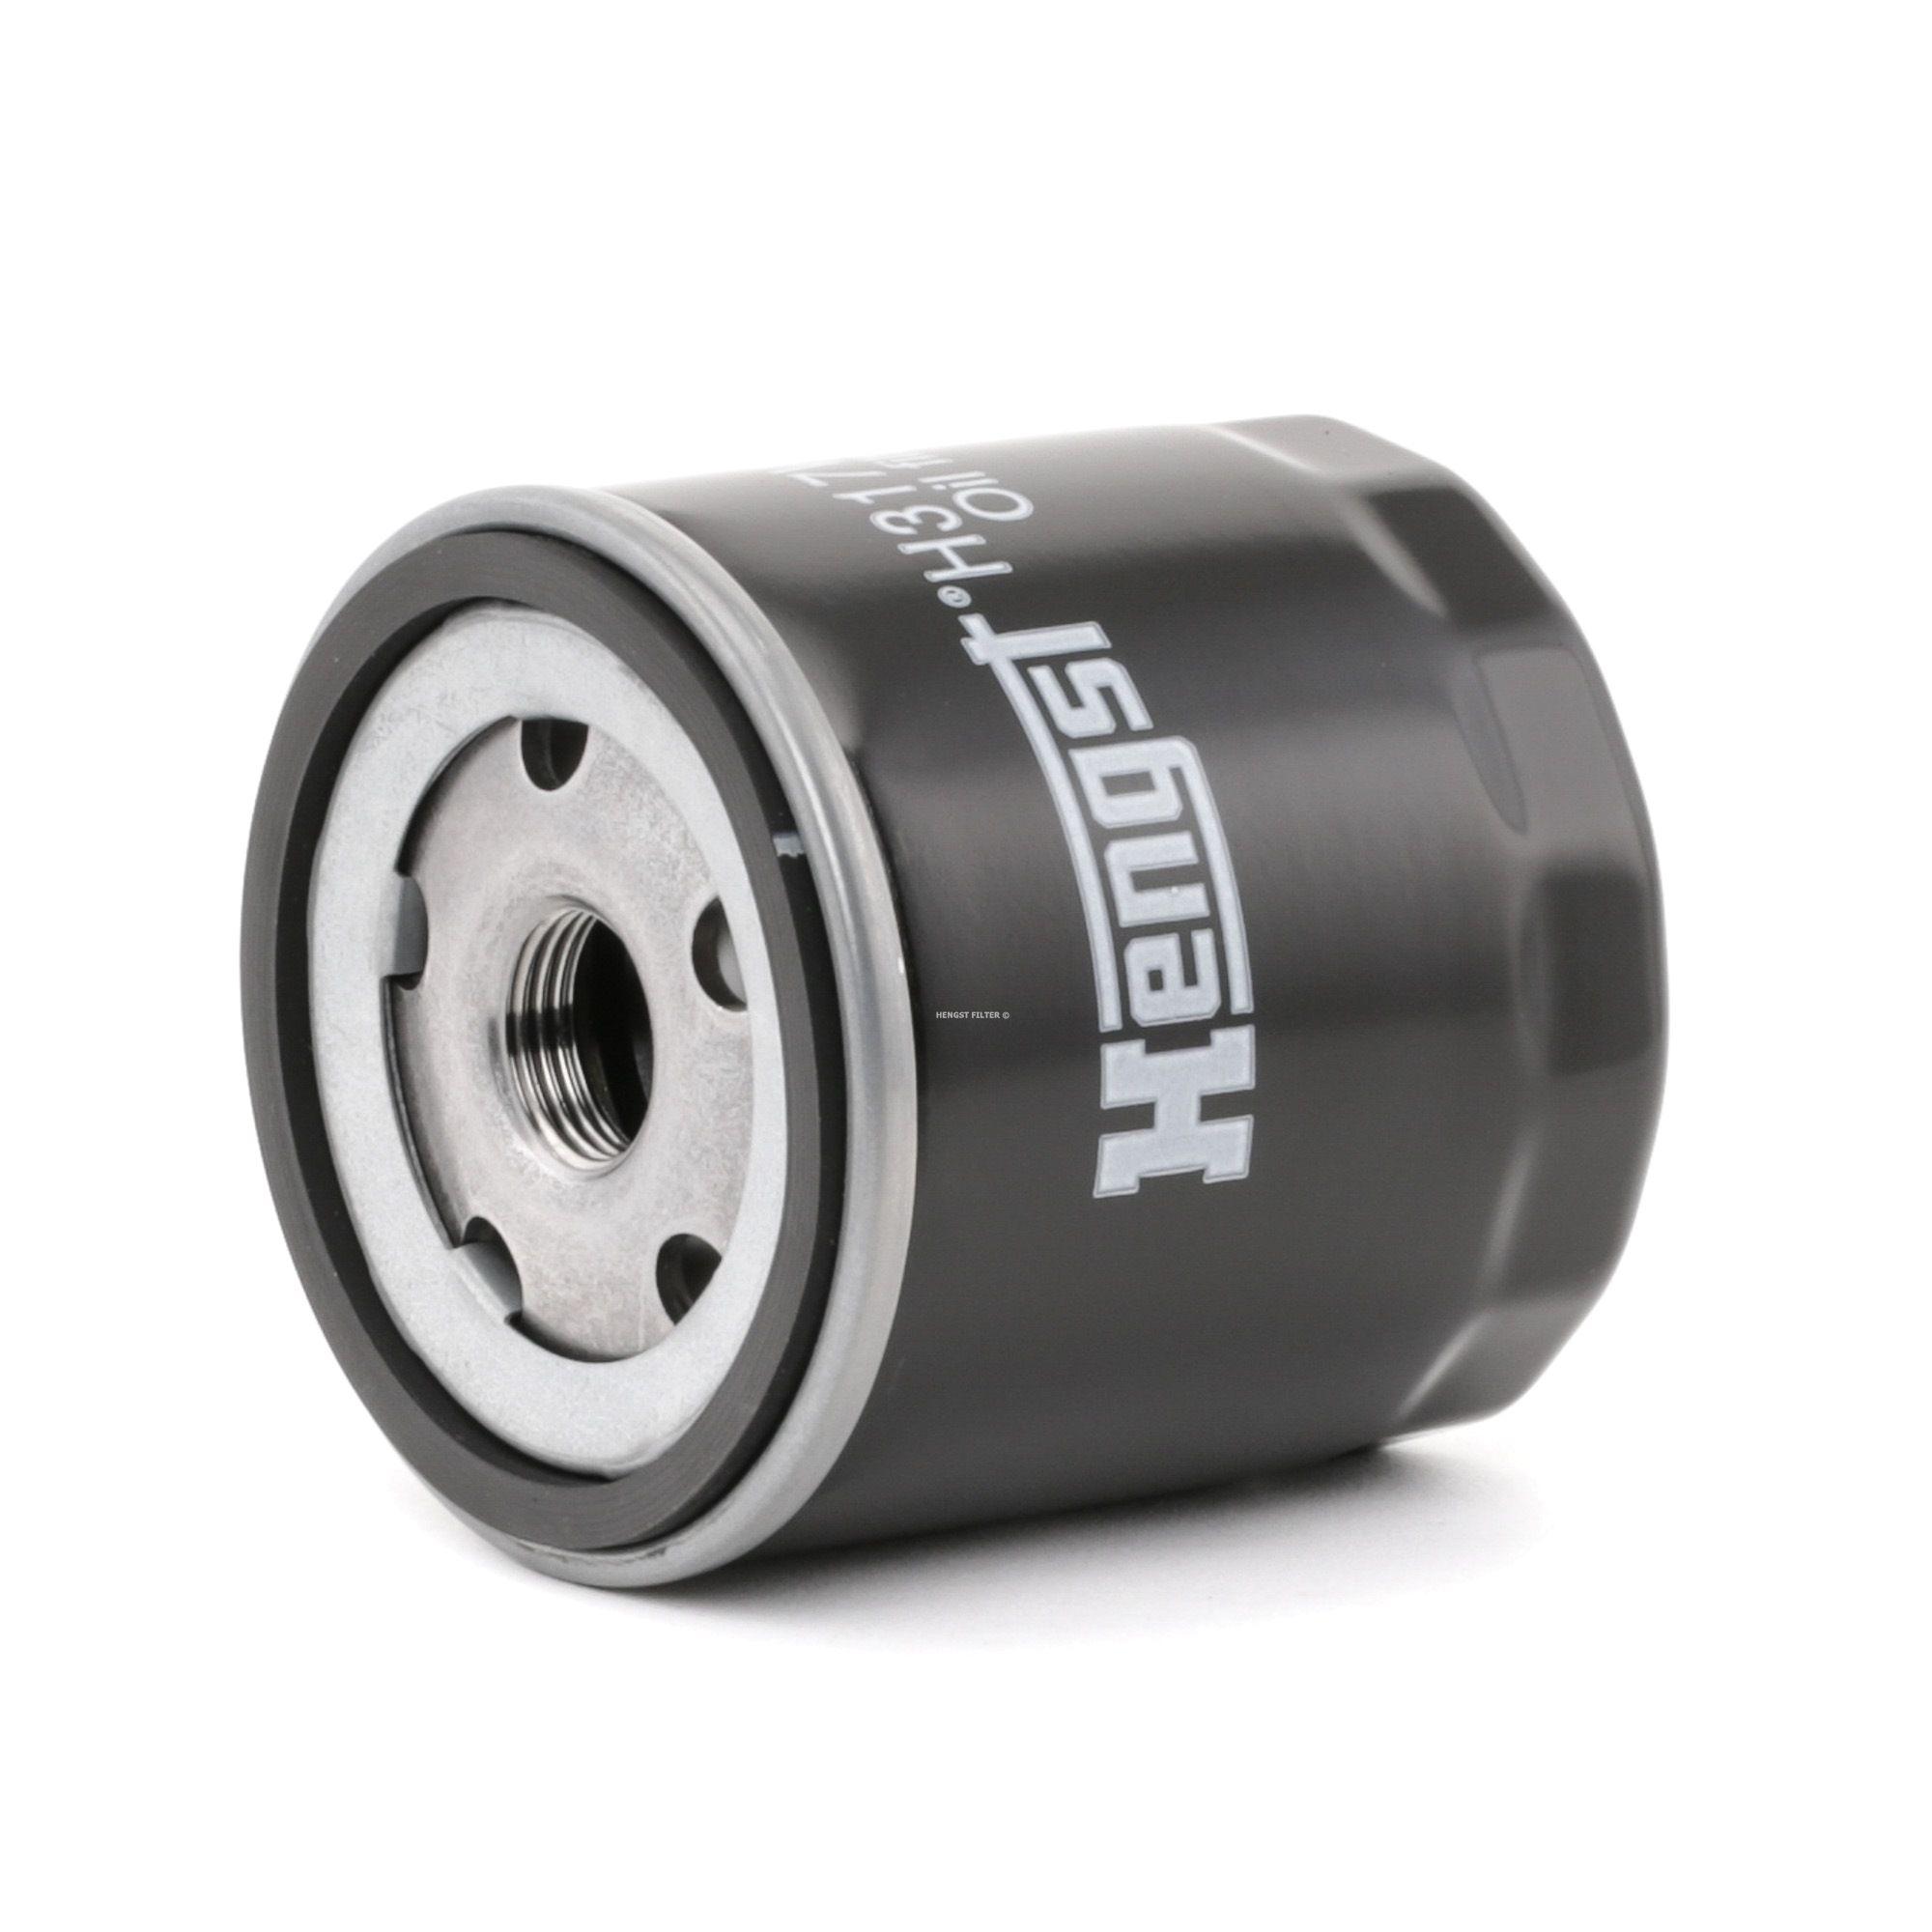 Achetez Filtre à huile HENGST FILTER H317W01 (Ø: 76mm, Hauteur: 80mm) à un rapport qualité-prix exceptionnel